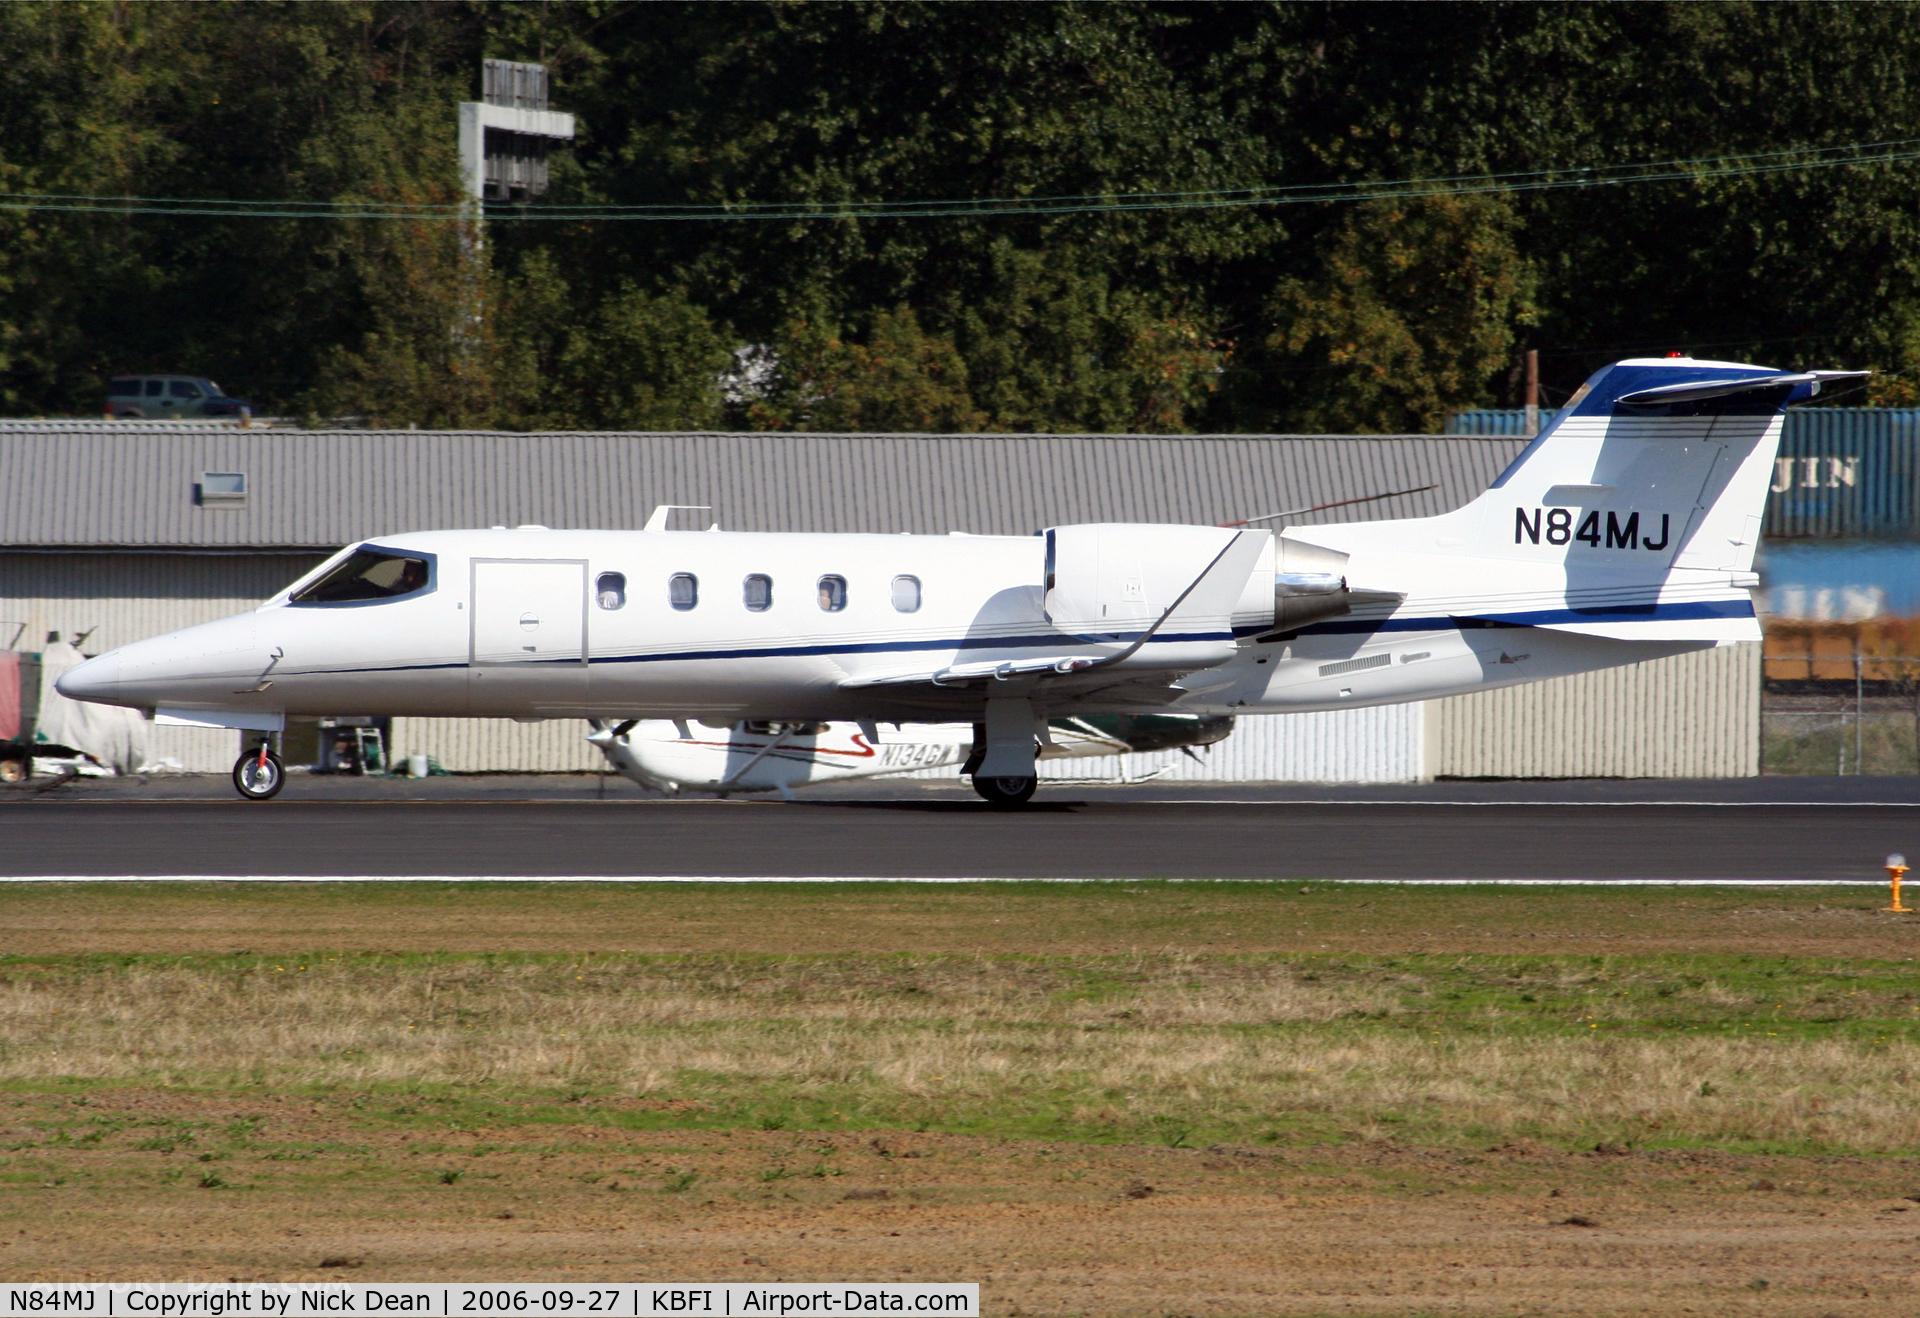 N84MJ, 2002 Learjet 31A C/N 31A-237, KBFI